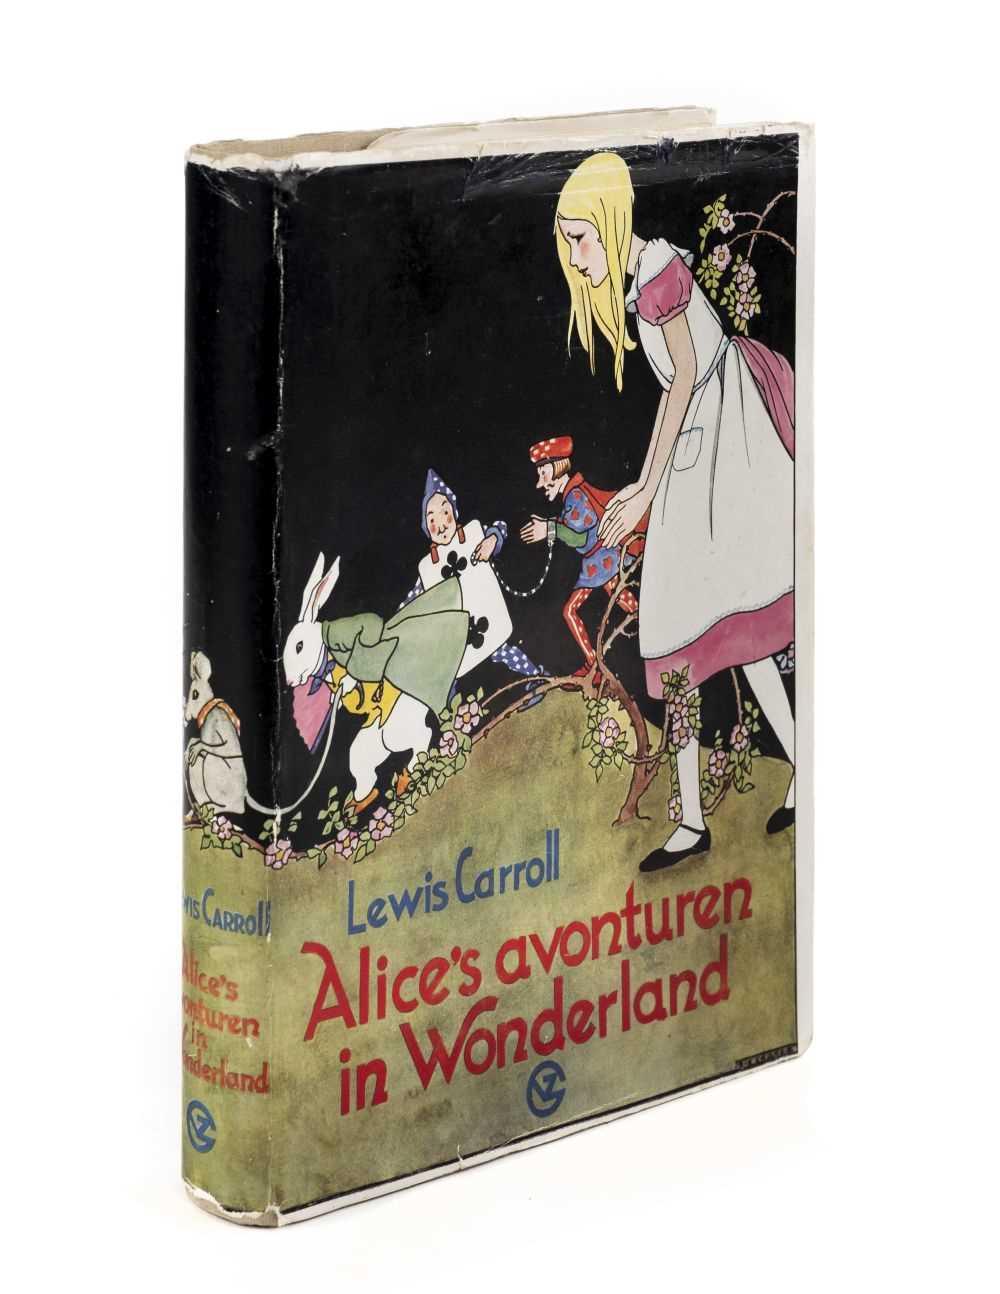 Lot 603 - Cramer (Rie, illustrator). Alice's Avonturen in Wonderland, by Lewis Carroll, [1934]